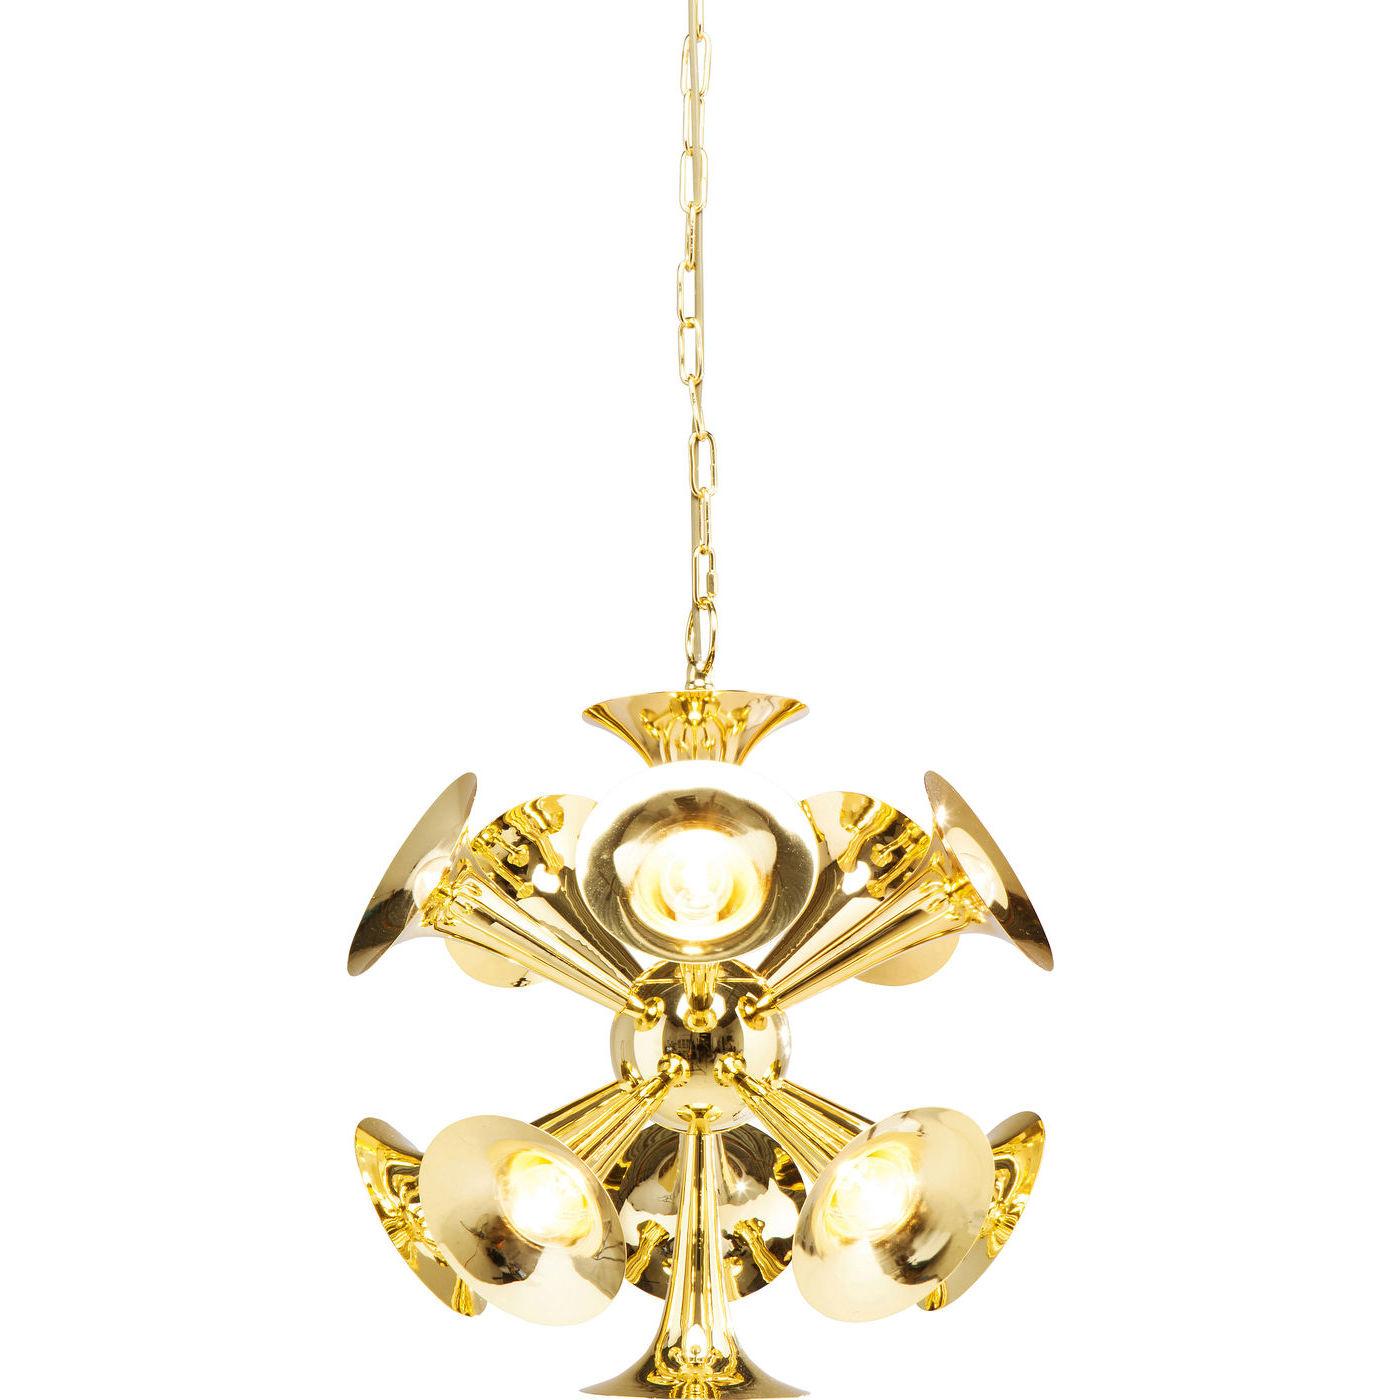 Billede af Kare Design Loftslampe, Trumpets Brass